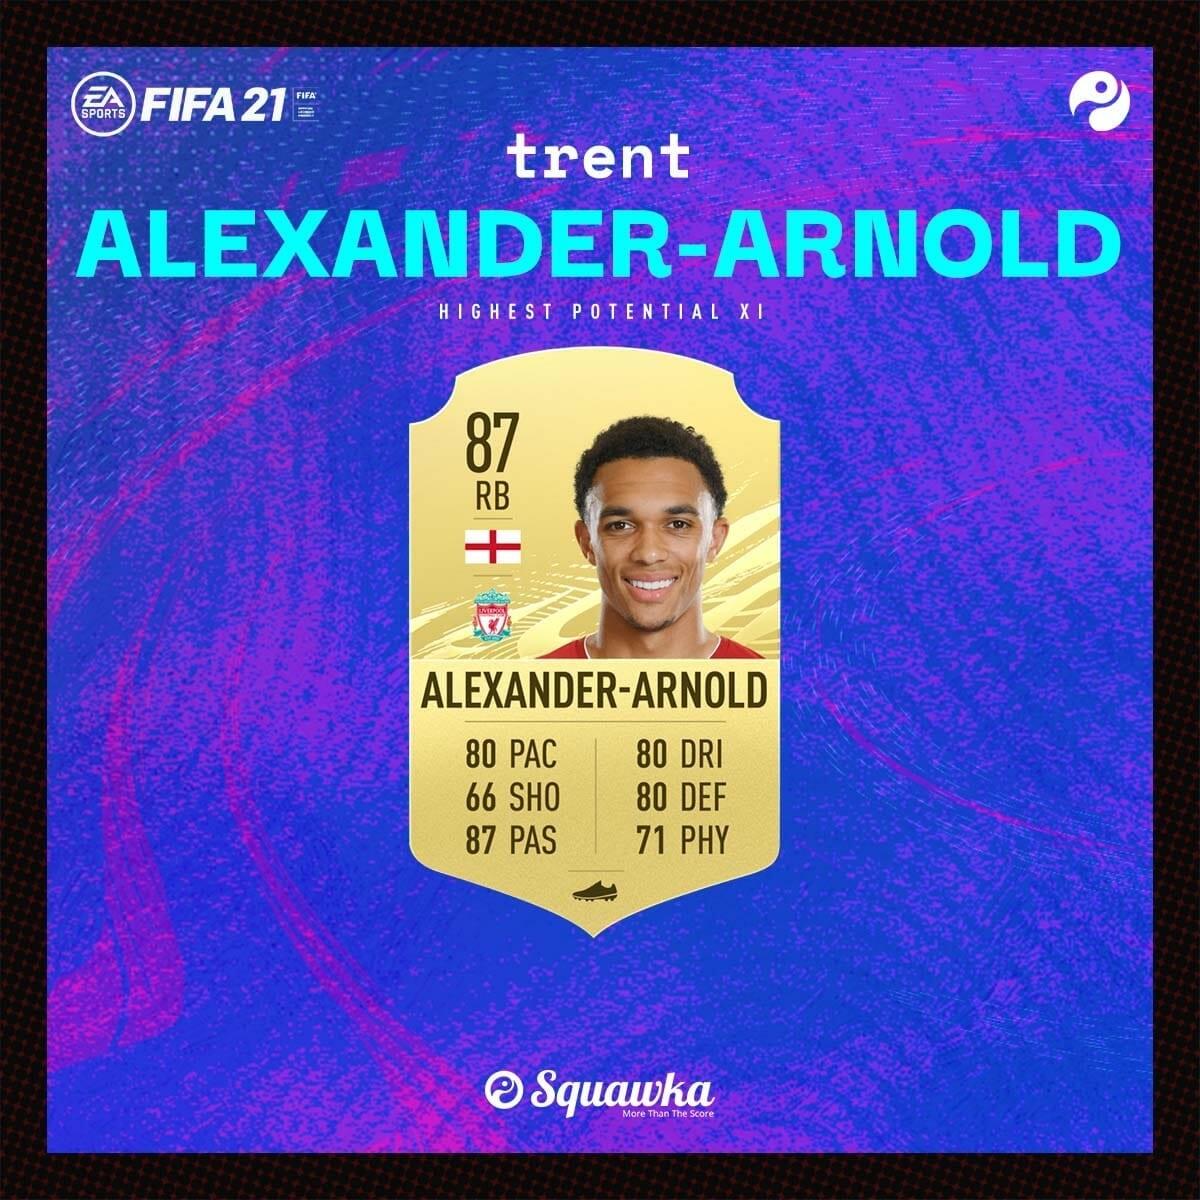 Hậu vệ phải: Trent Alexander-Arnold - Chỉ số ban đầu: 87 - Tiềm năng phát triển: 92